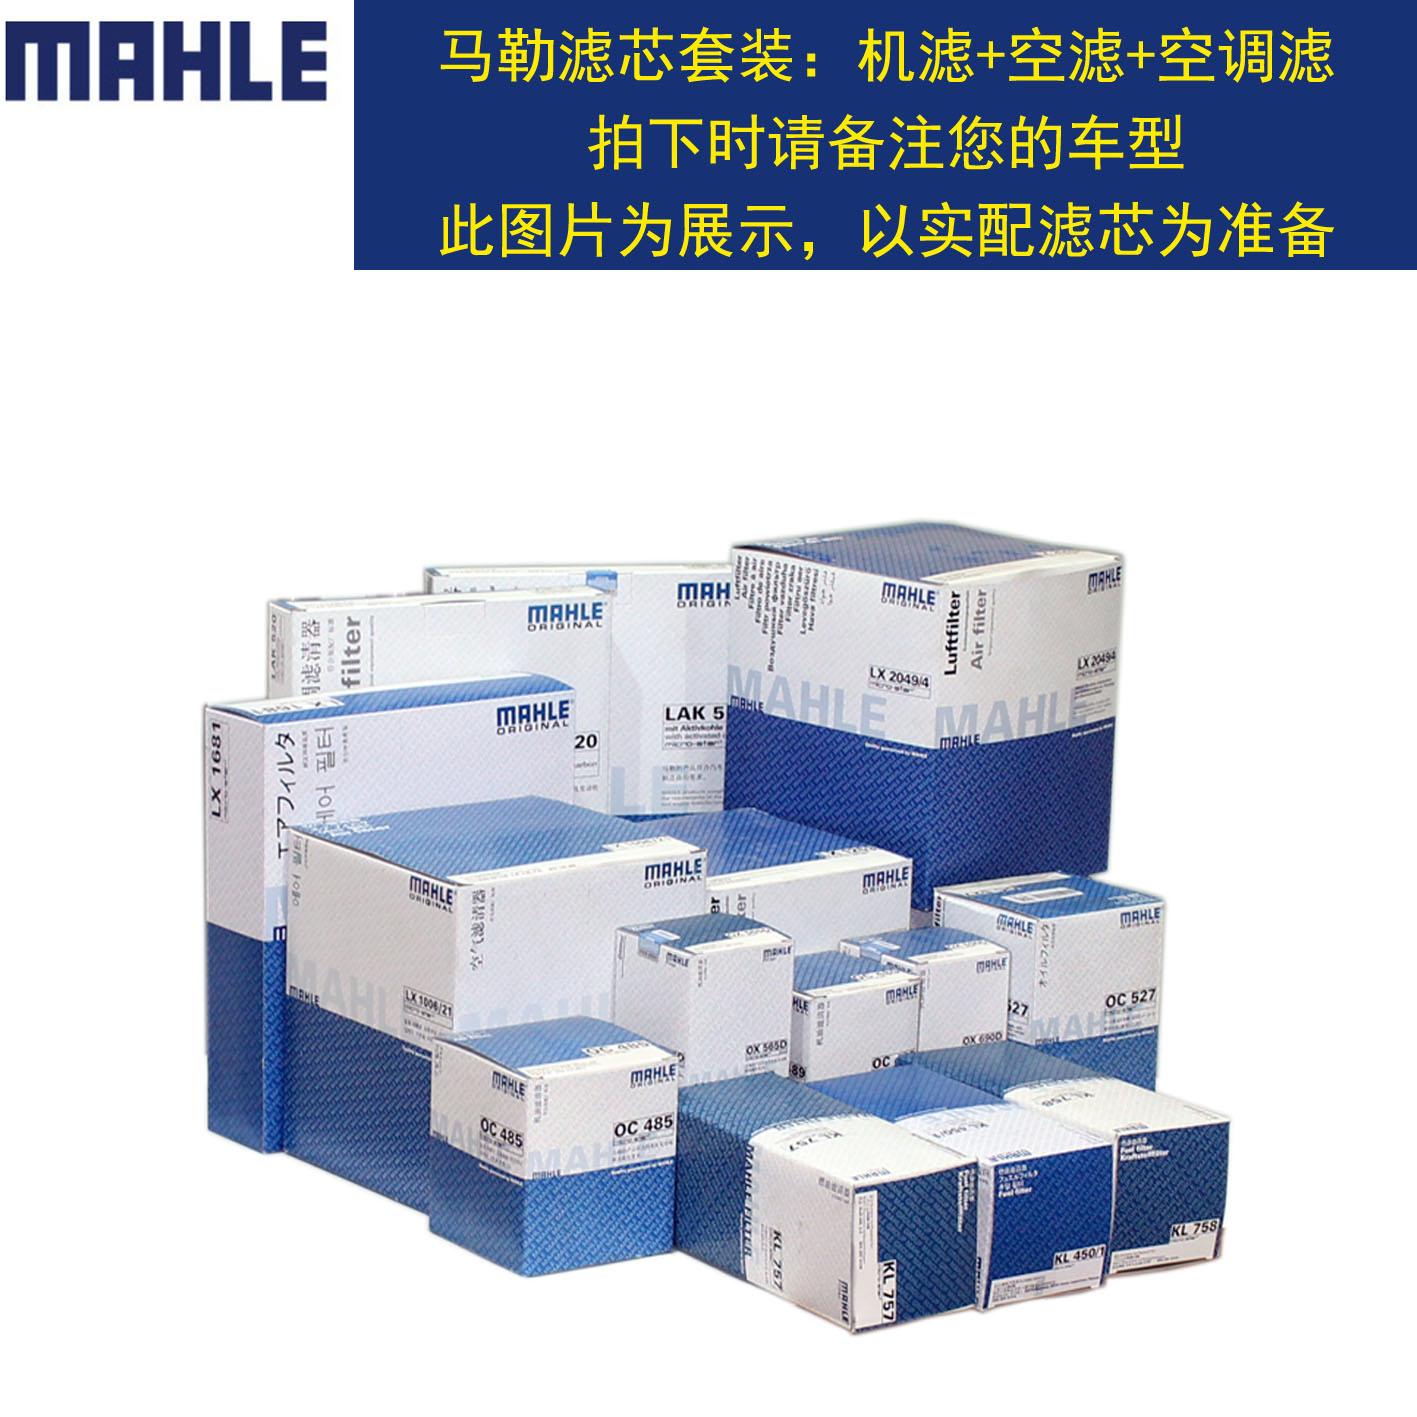 马勒三滤适用哈佛H6 1.5T 2.0L /2.4L非运动版机滤空气空调滤芯格